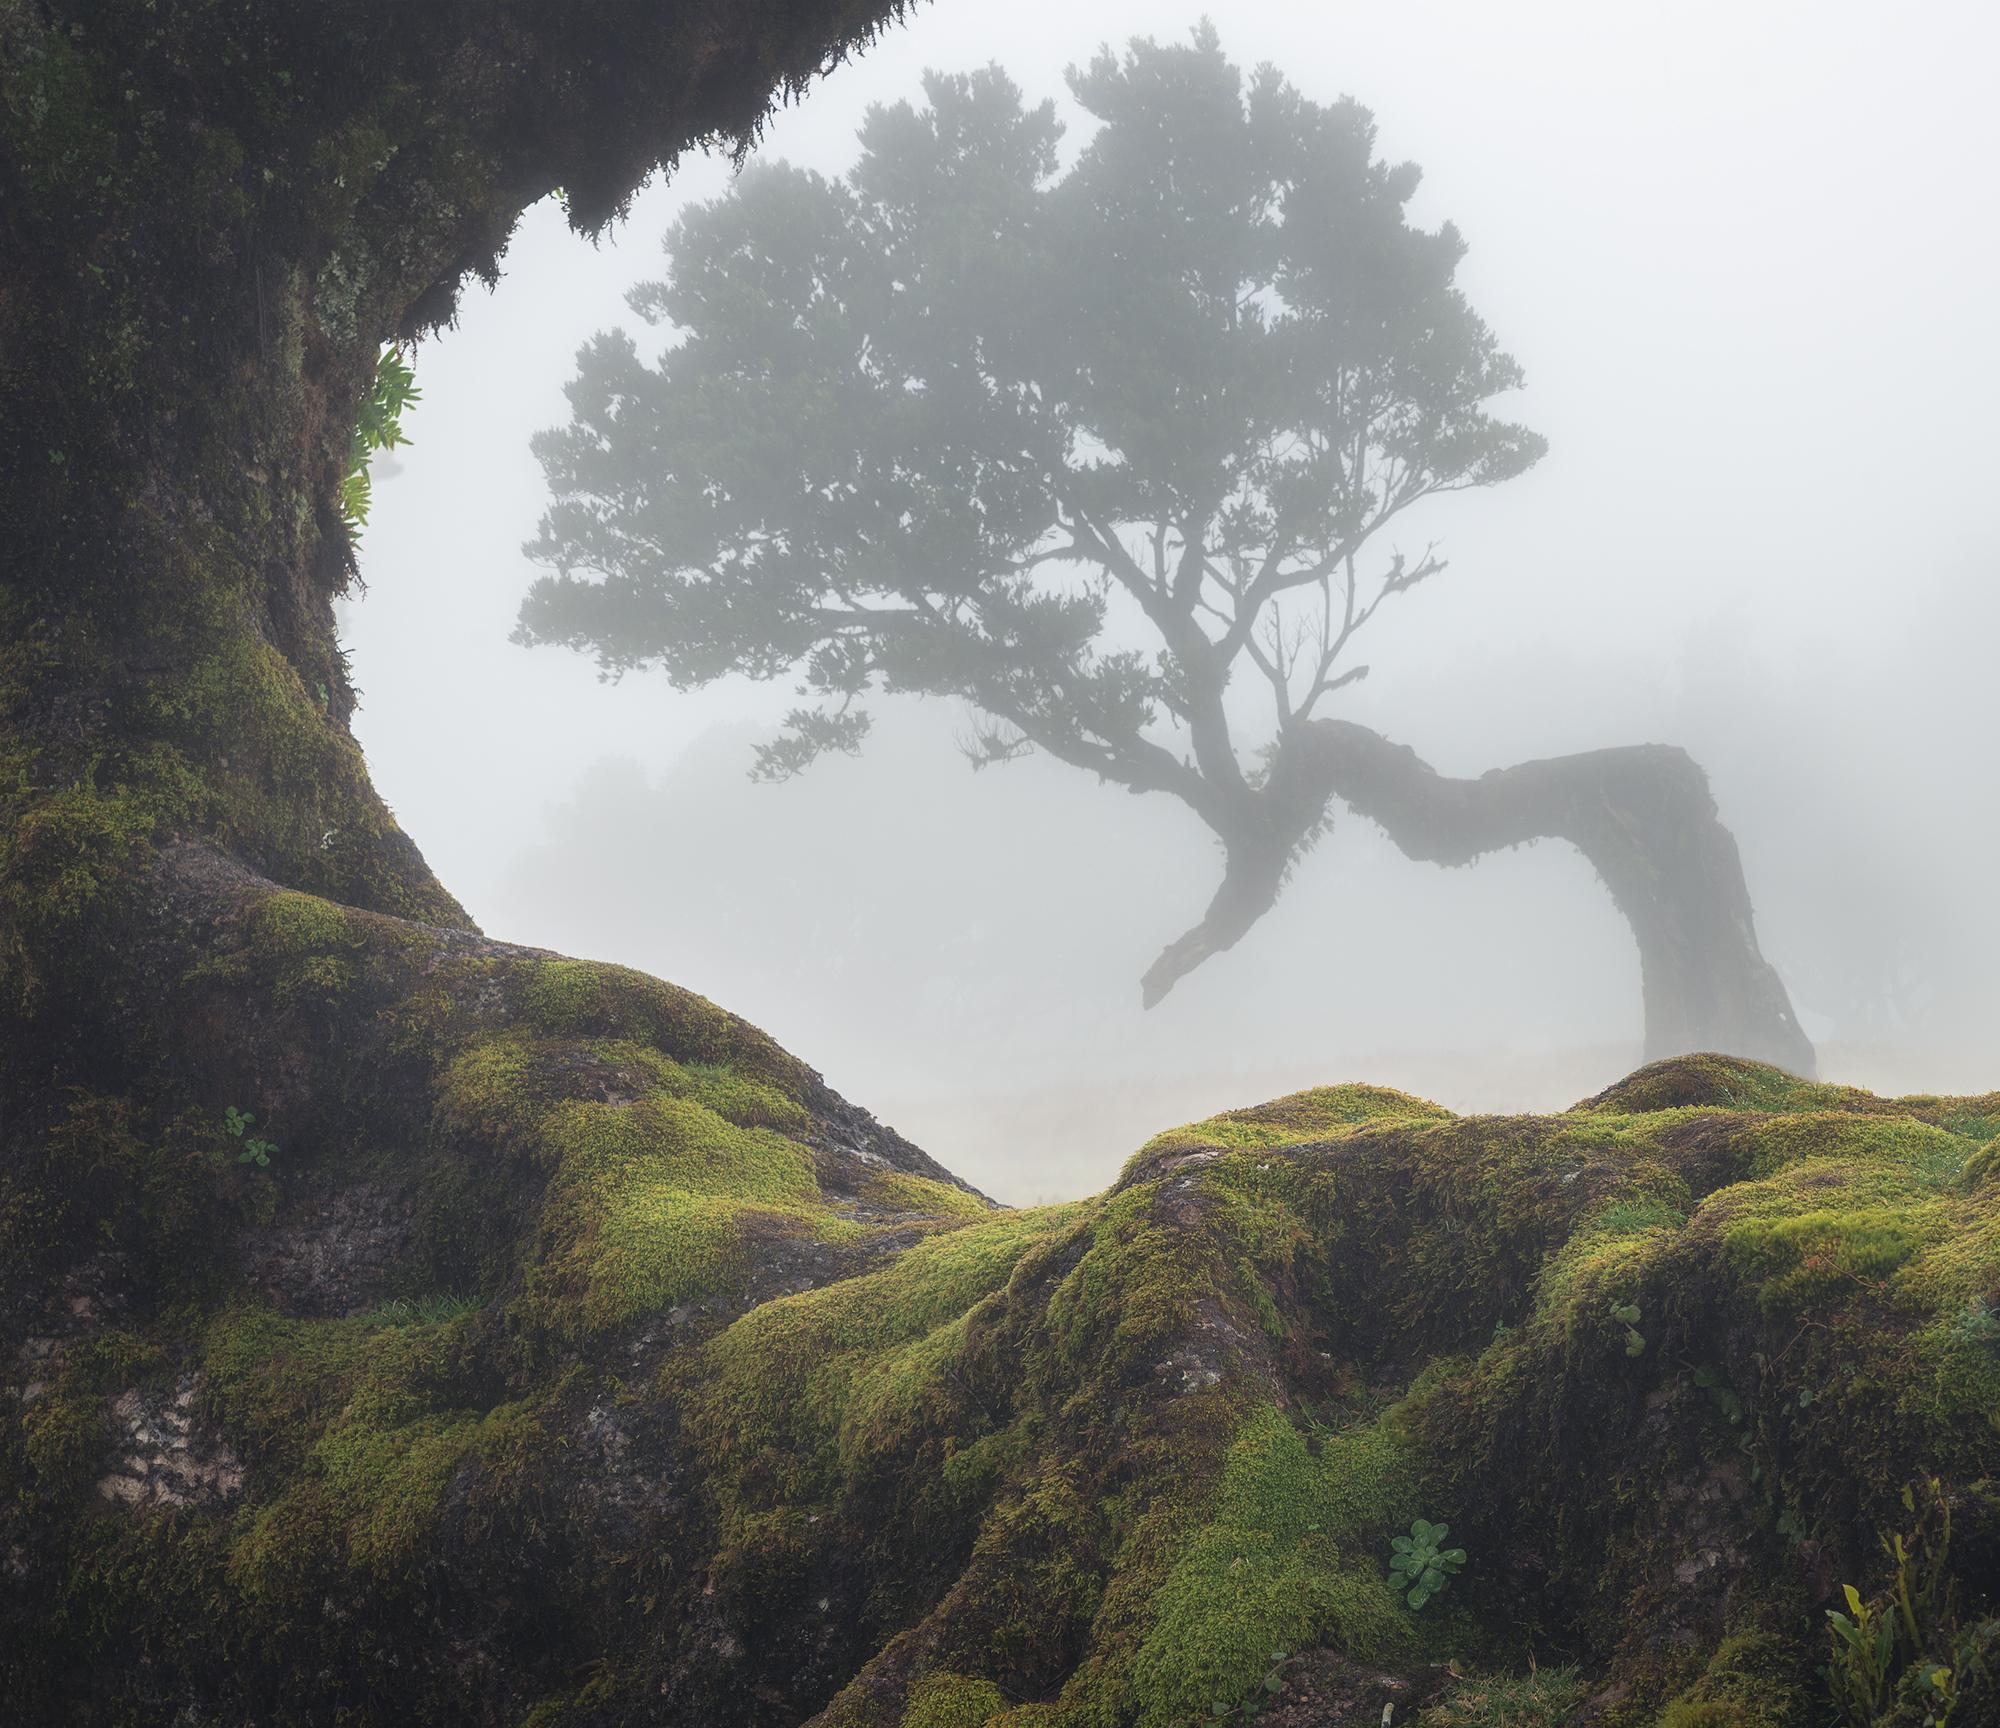 Jurassic tree...